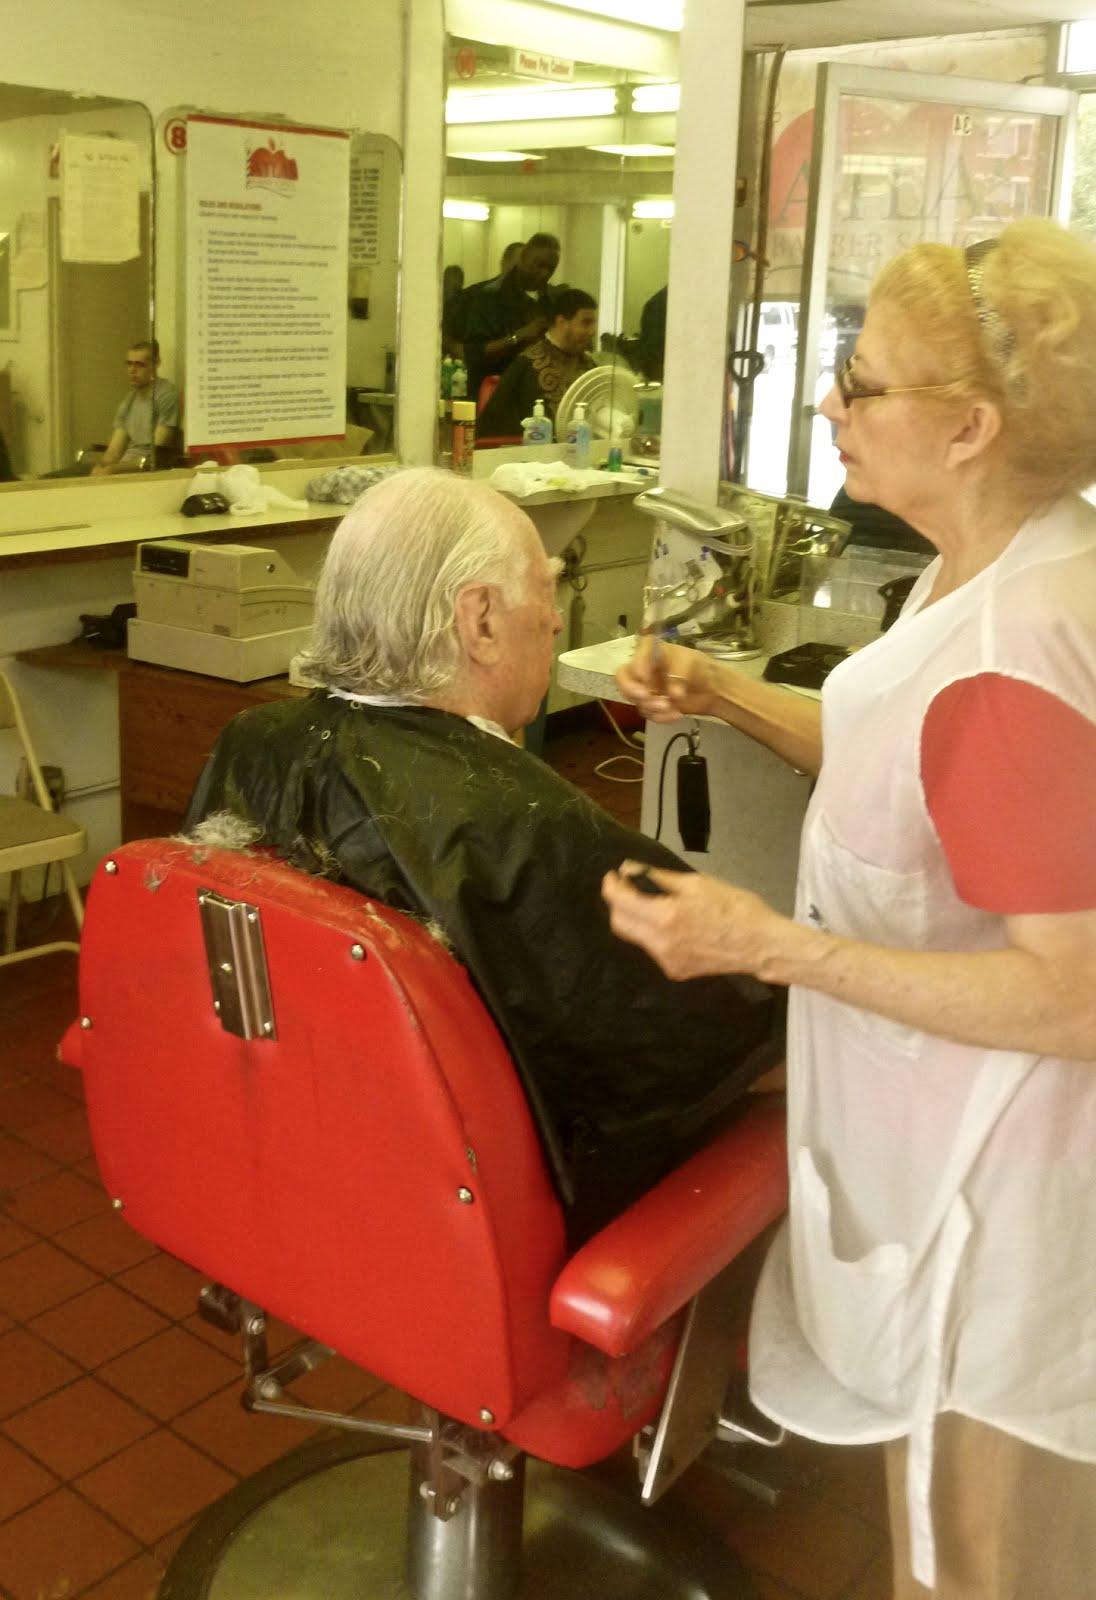 Jeremiahs Vanishing New York Atlas Barber School